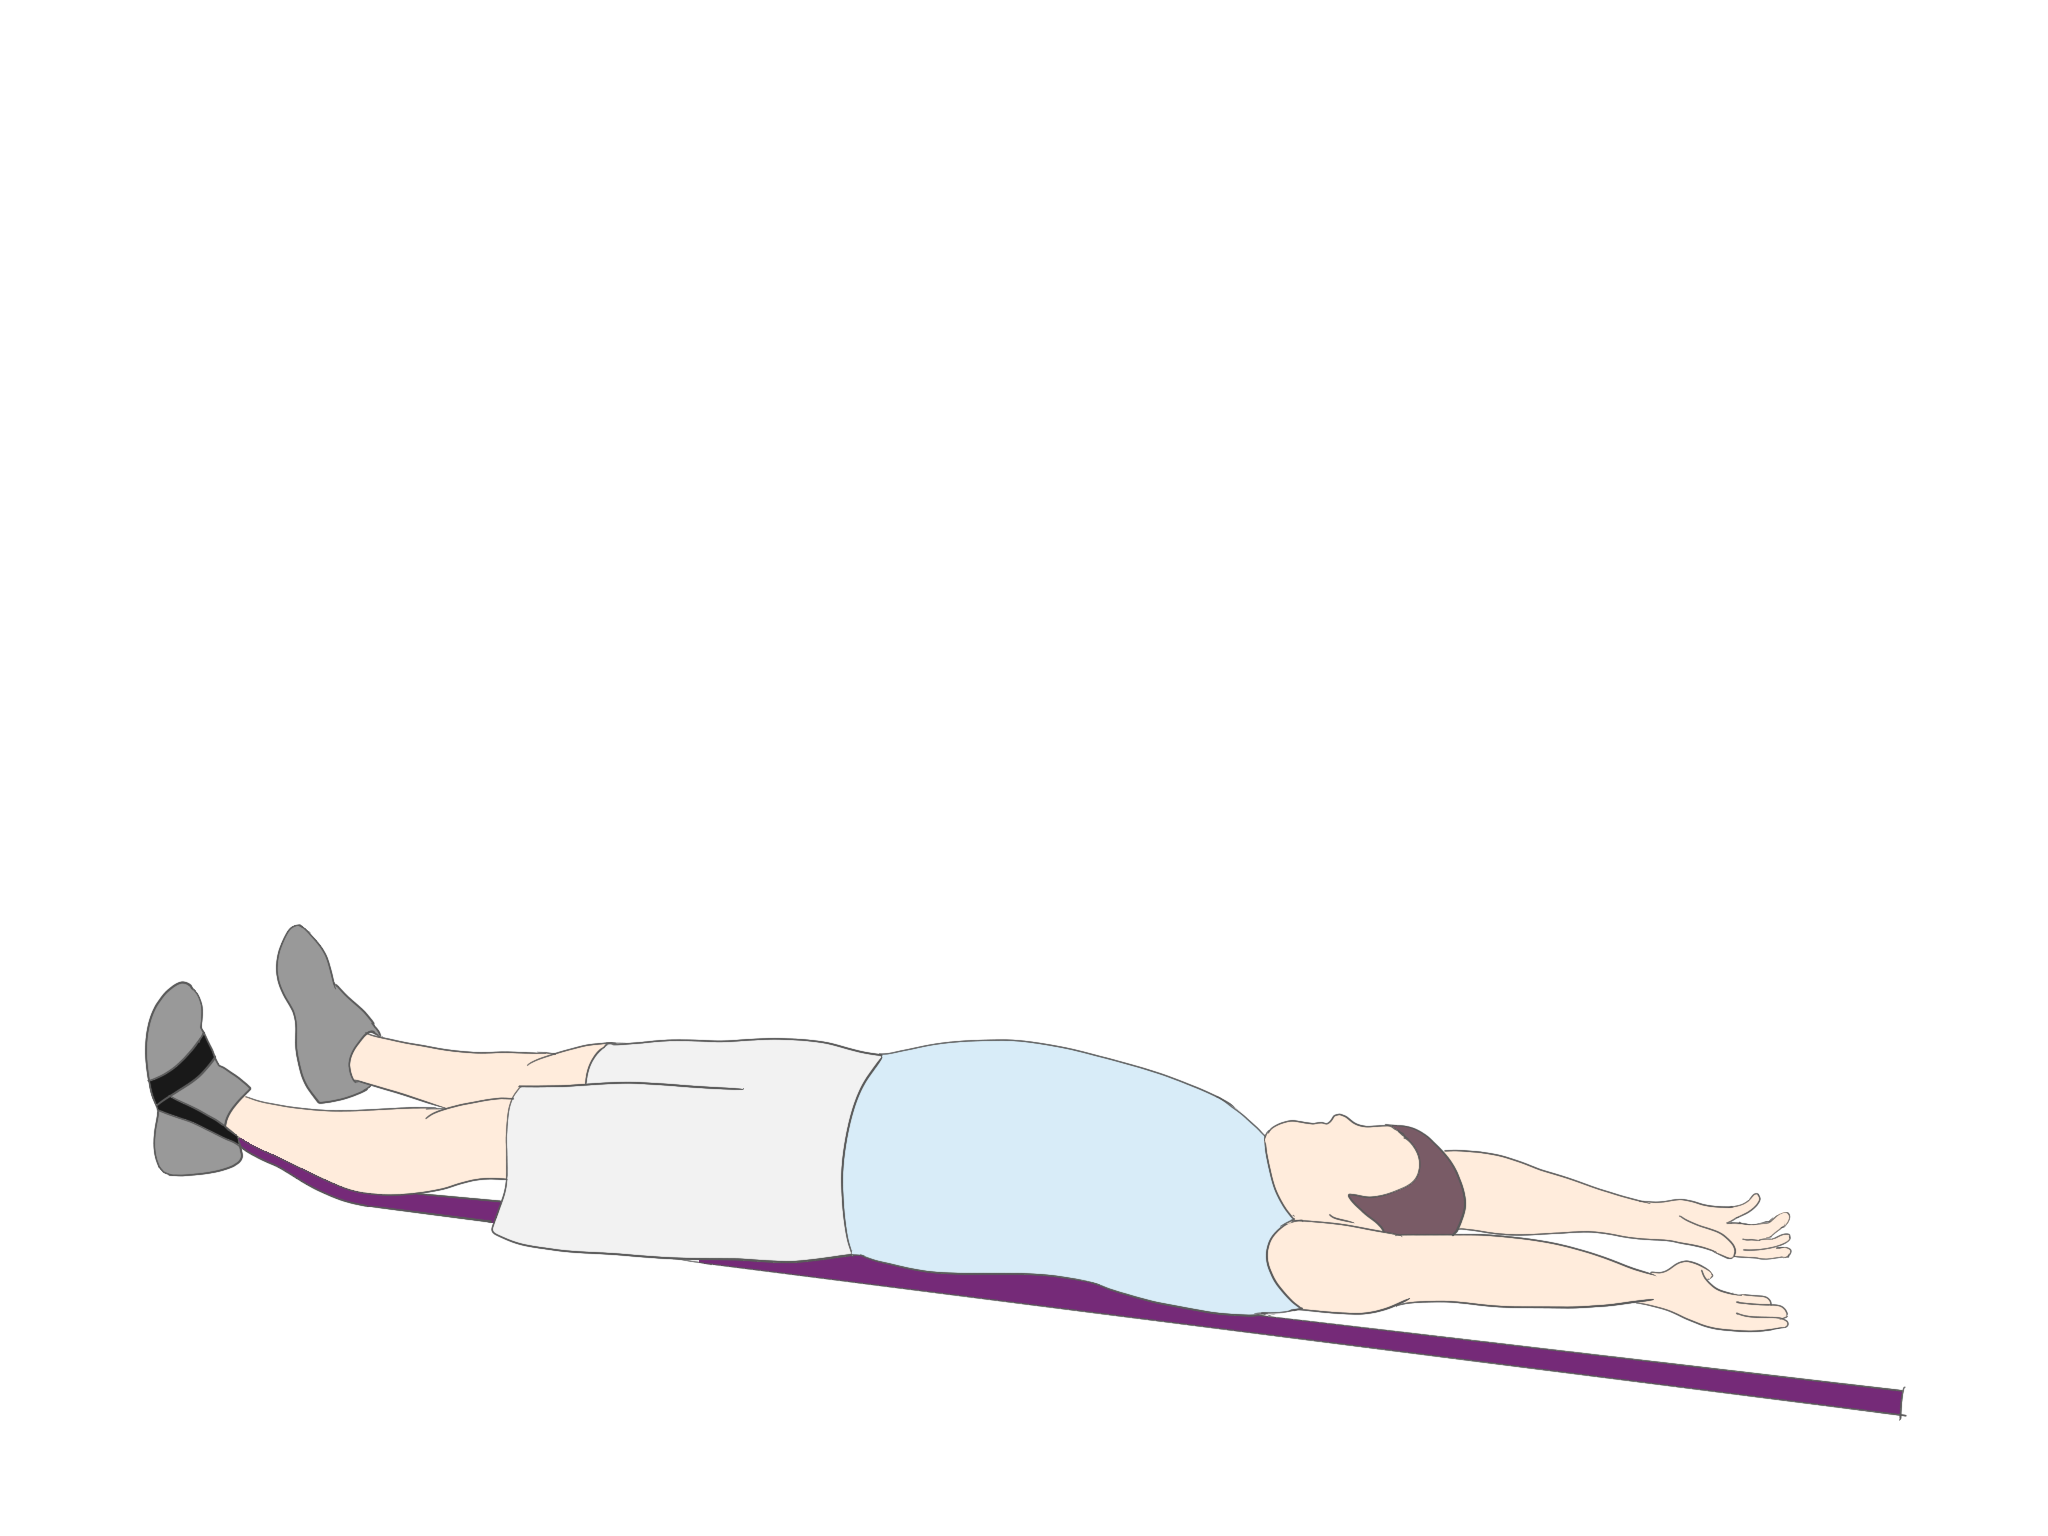 下肢の促通を伴った下肢からのローリング①